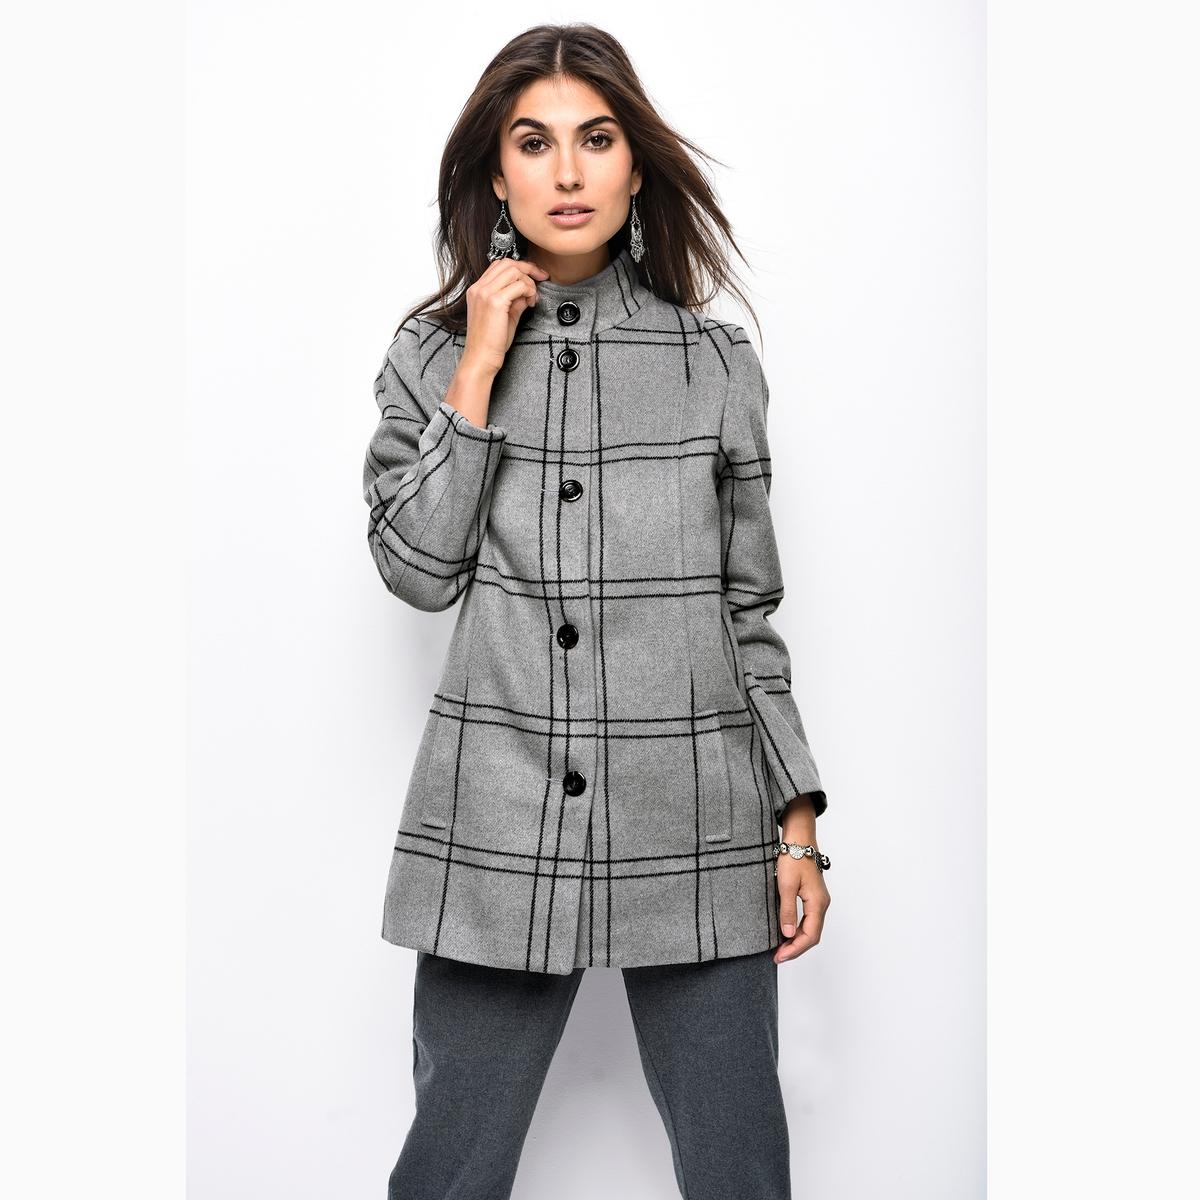 Пальто в клеткуОписание:Клетка в моде этой зимой ! Она придает строгость и элегантность пальто серого цвета приталенной формы .Детали •  Длина : средняя •  Воротник-стойка •  Рисунок в клетку • Застежка на пуговицыСостав и уход •  3% шерсти, 54% акрила, 43% полиэстера •  Подкладка : 100% полиэстер •  Следуйте рекомендациям по уходу, указанным на этикетке изделия •  Деликатная чистка/без отбеливателей •  Не использовать барабанную сушку   •  Низкая температура глажки<br><br>Цвет: в клетку<br>Размер: 38 (FR) - 44 (RUS).48 (FR) - 54 (RUS).44 (FR) - 50 (RUS)